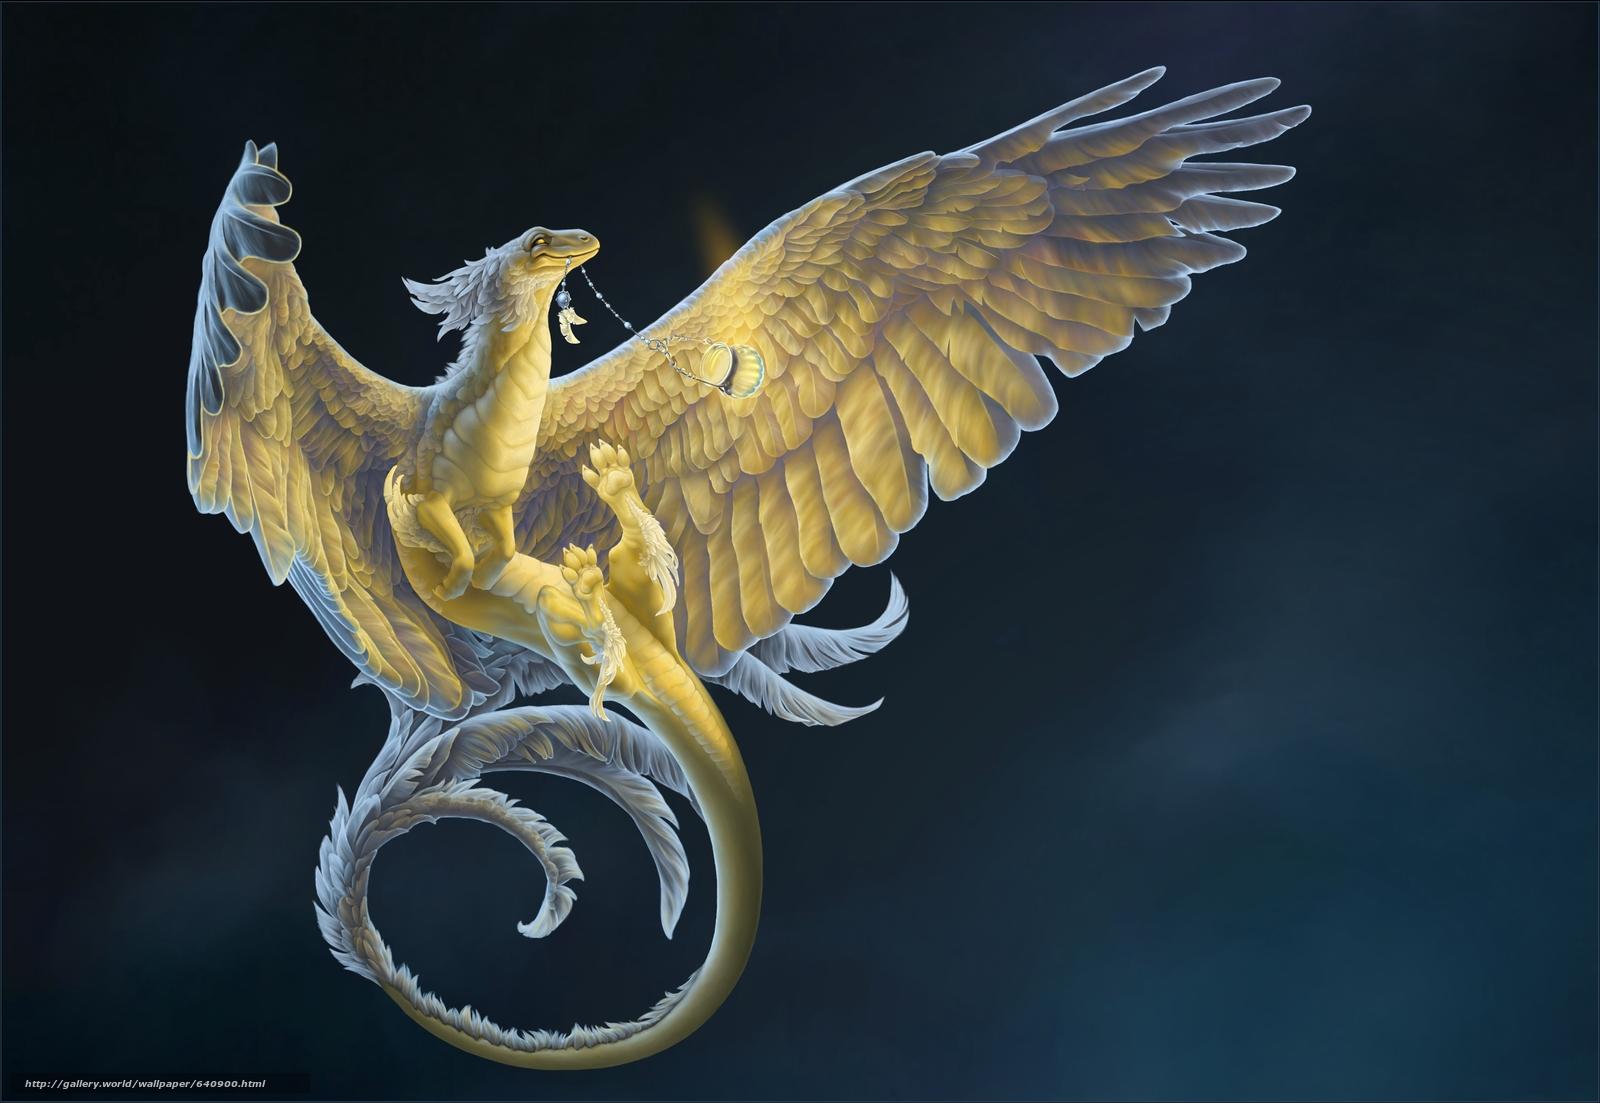 Tlcharger Fond Decran Dragon 3d Art Fantaisie Fonds D